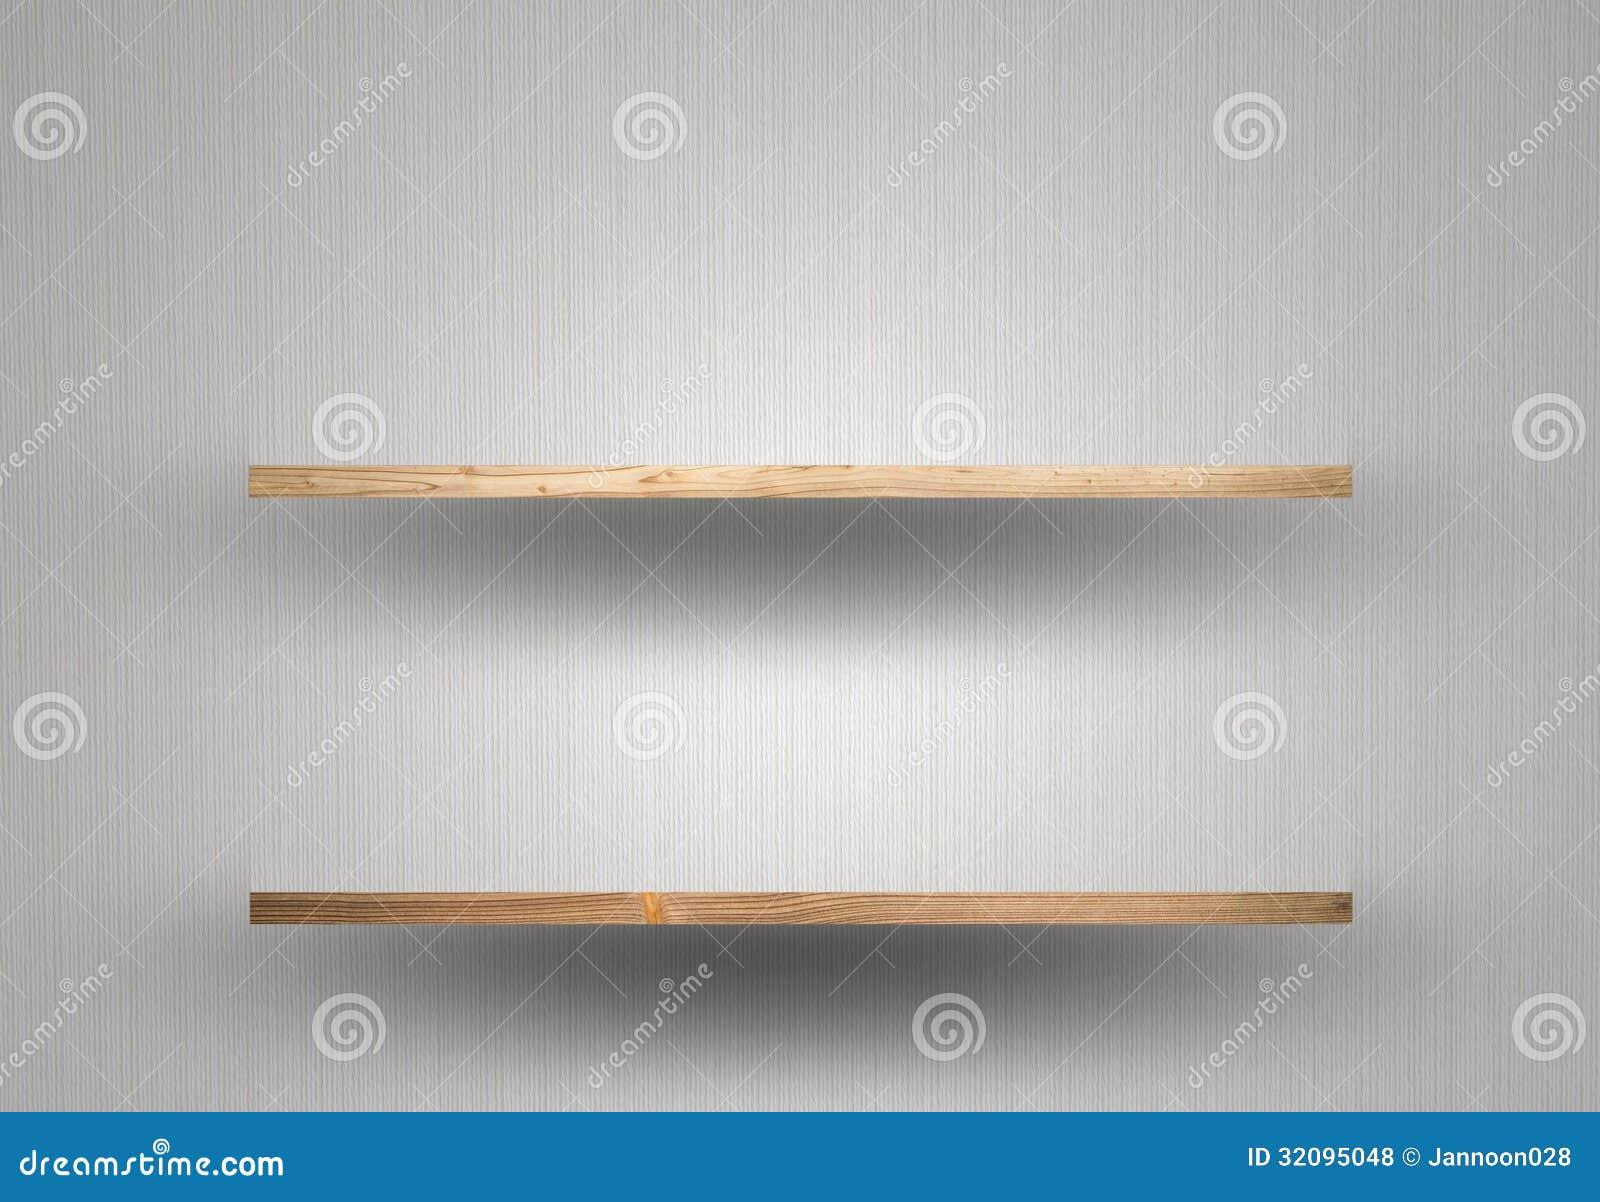 Muur Van Houten Planken.Massief Houten Planken Aan De Muur Papier Handdoek Houder Plank